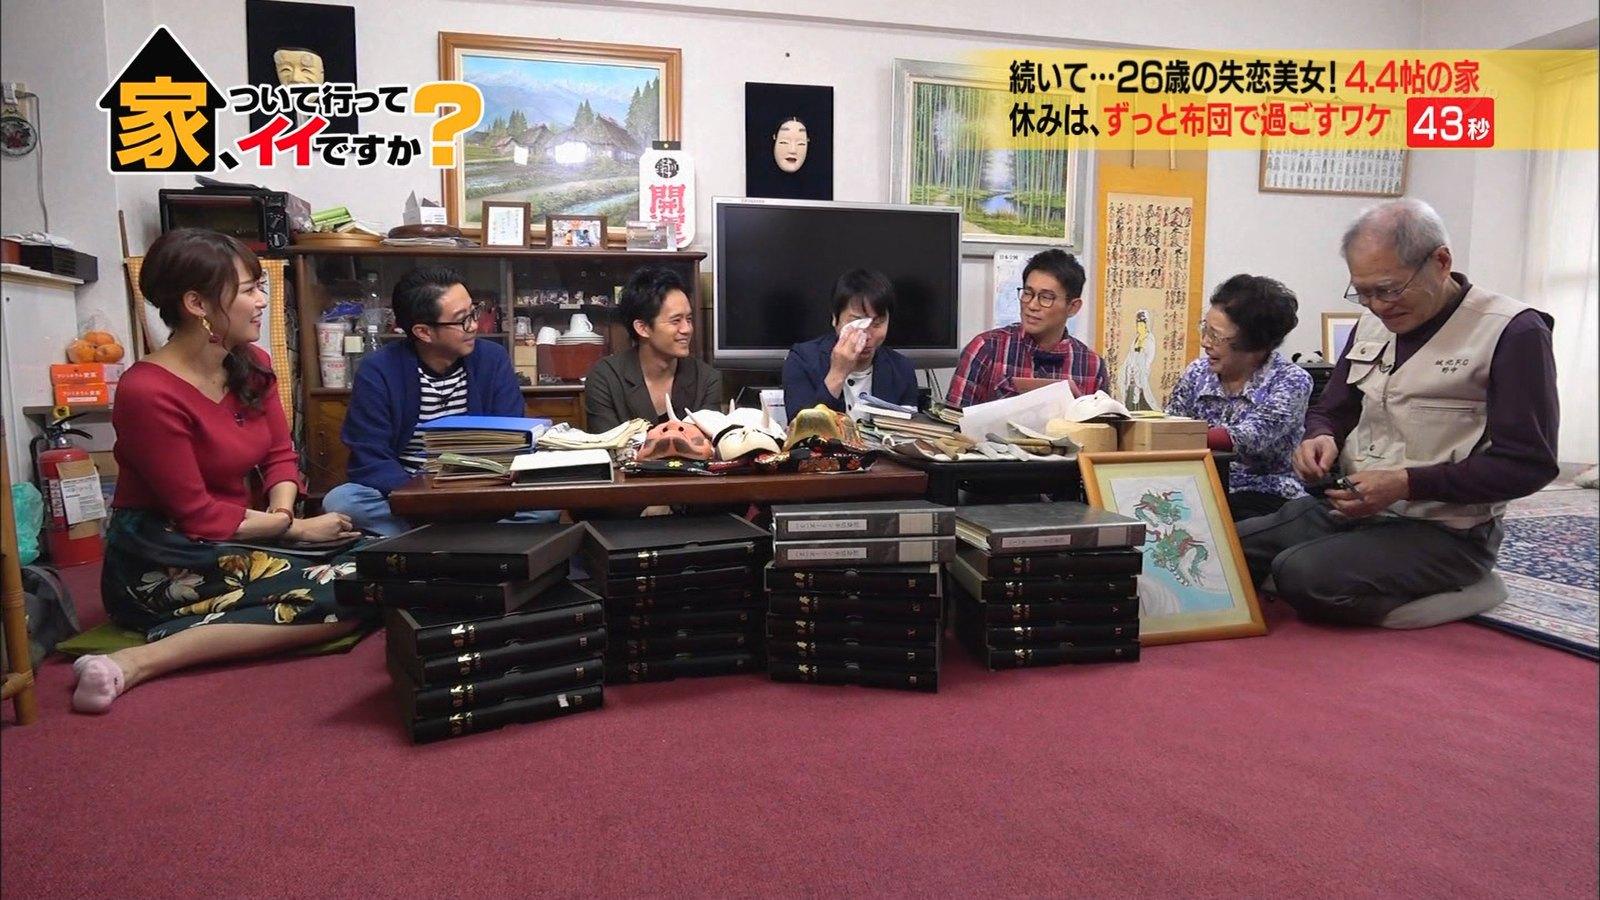 2018年11月28日テレビ東京「家、ついて行ってイイですか?」鷲見玲奈さんのテレビキャプチャー画像-004